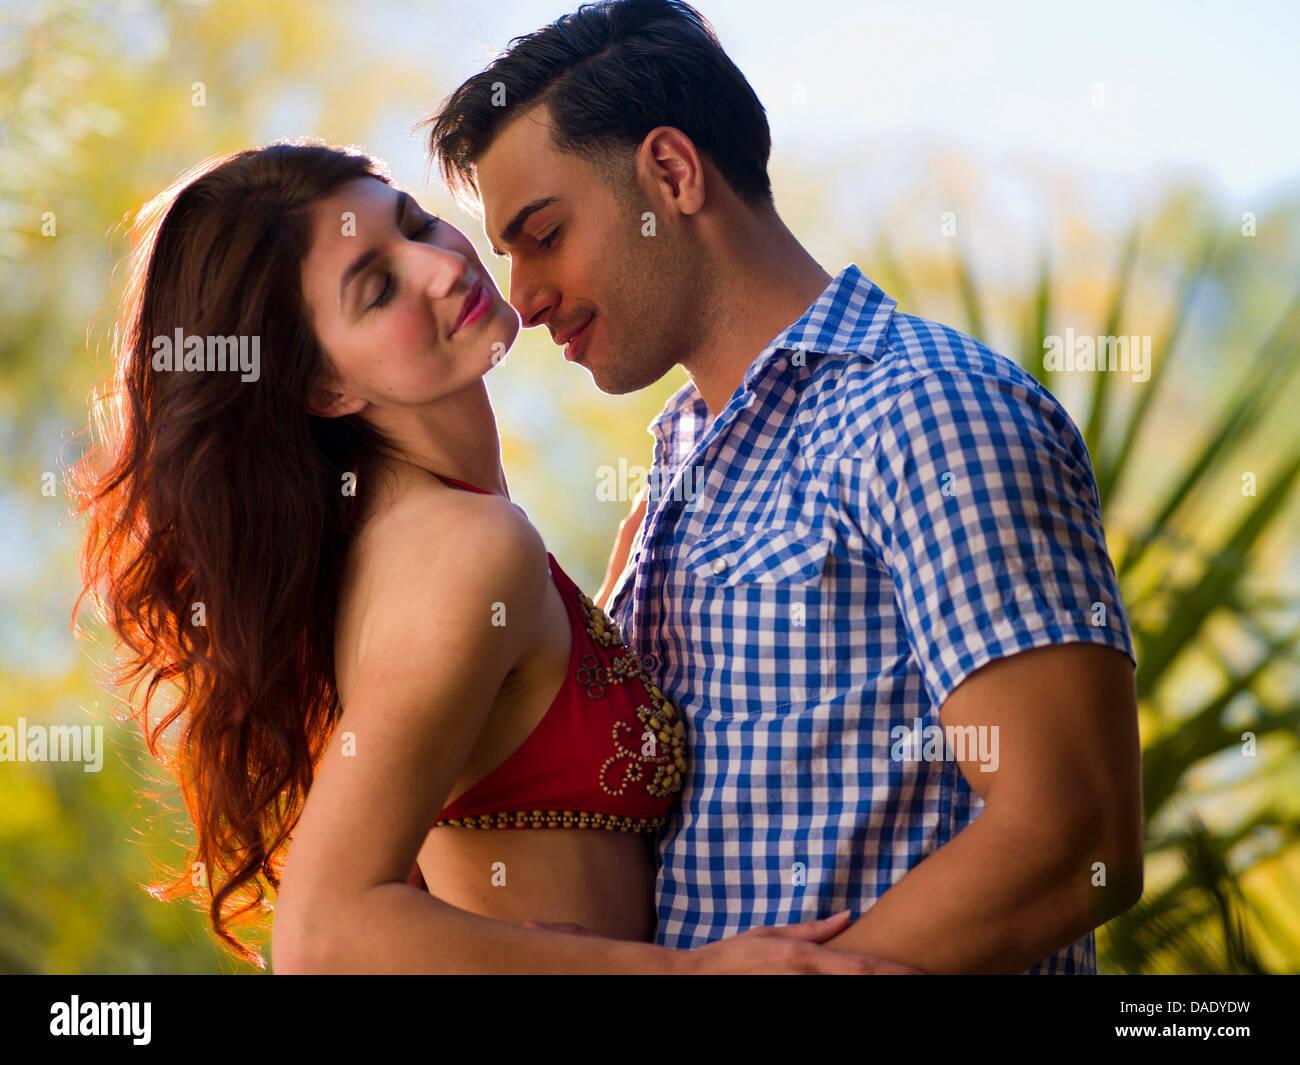 Leidenschaftliche junge Paare umarmen Stockbild